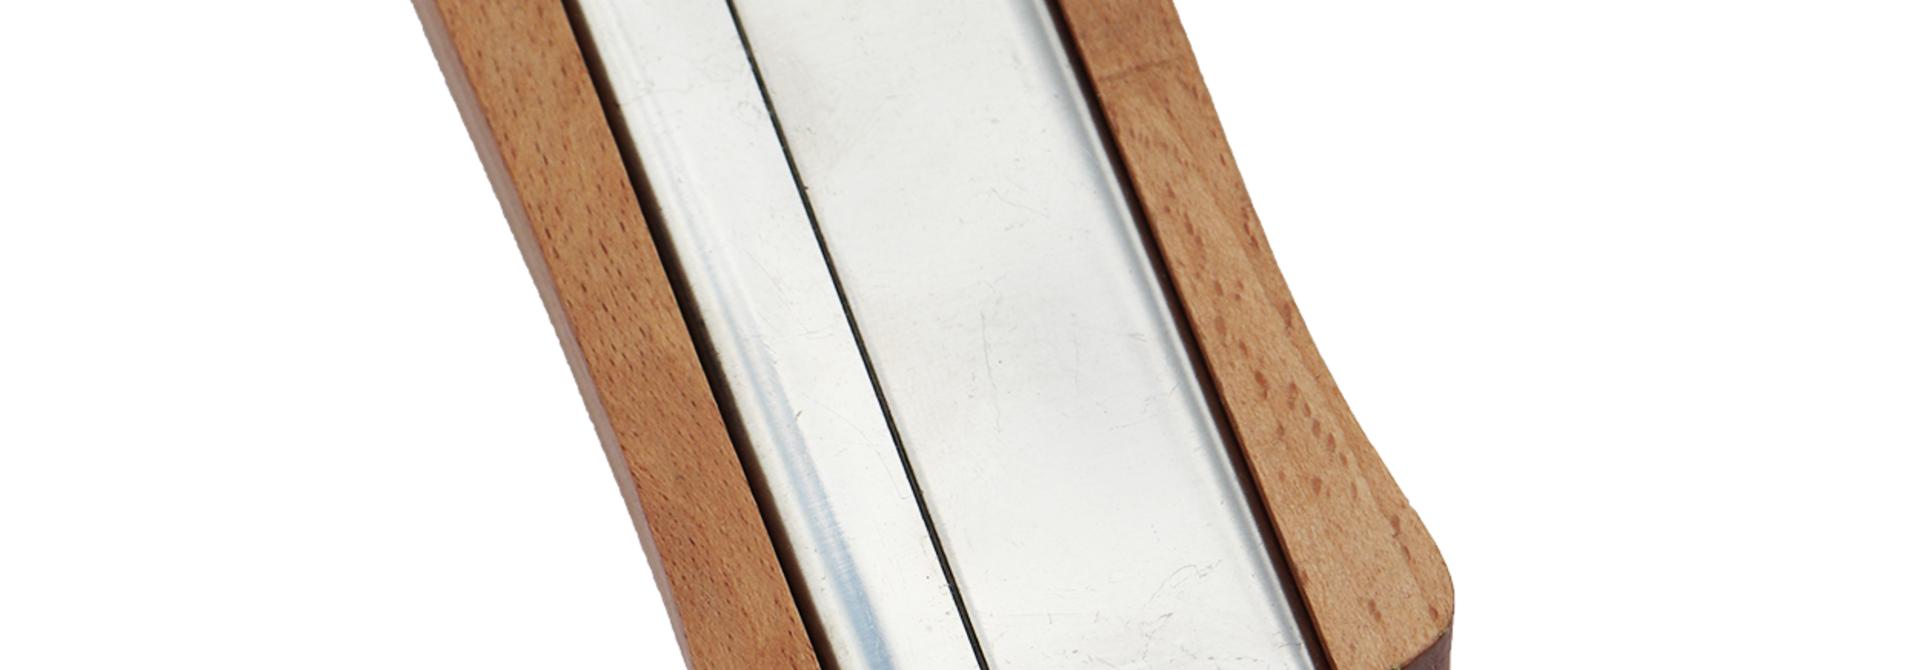 Draadspanner met houten handvaten - sterk